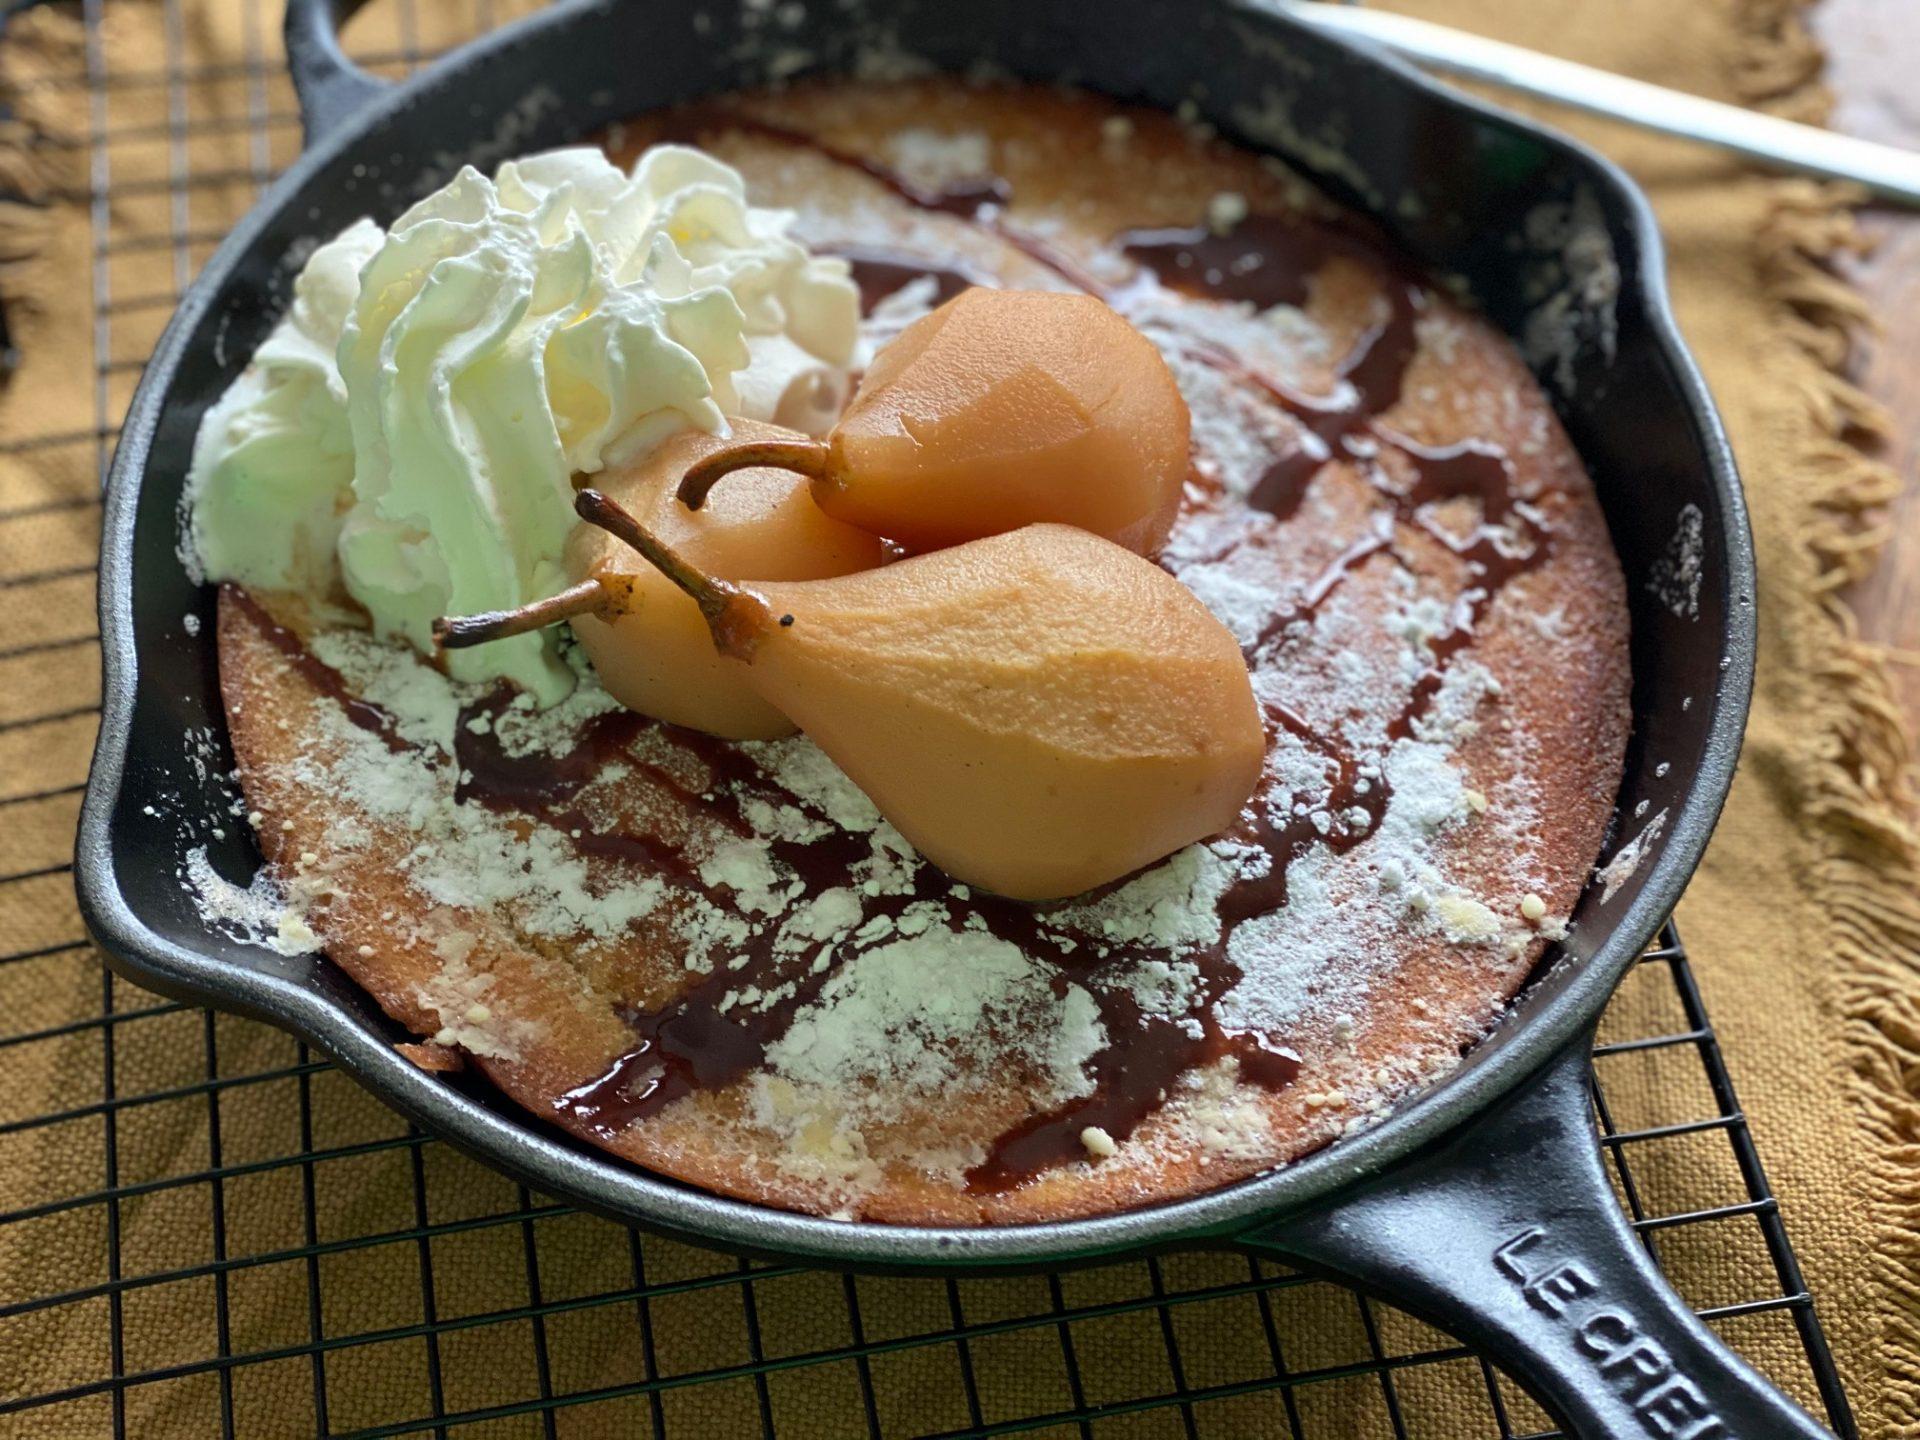 Dutch baby met stoofpeertjes in Licor 43 met chocoladesaus - Recept van Foodblog Foodinista